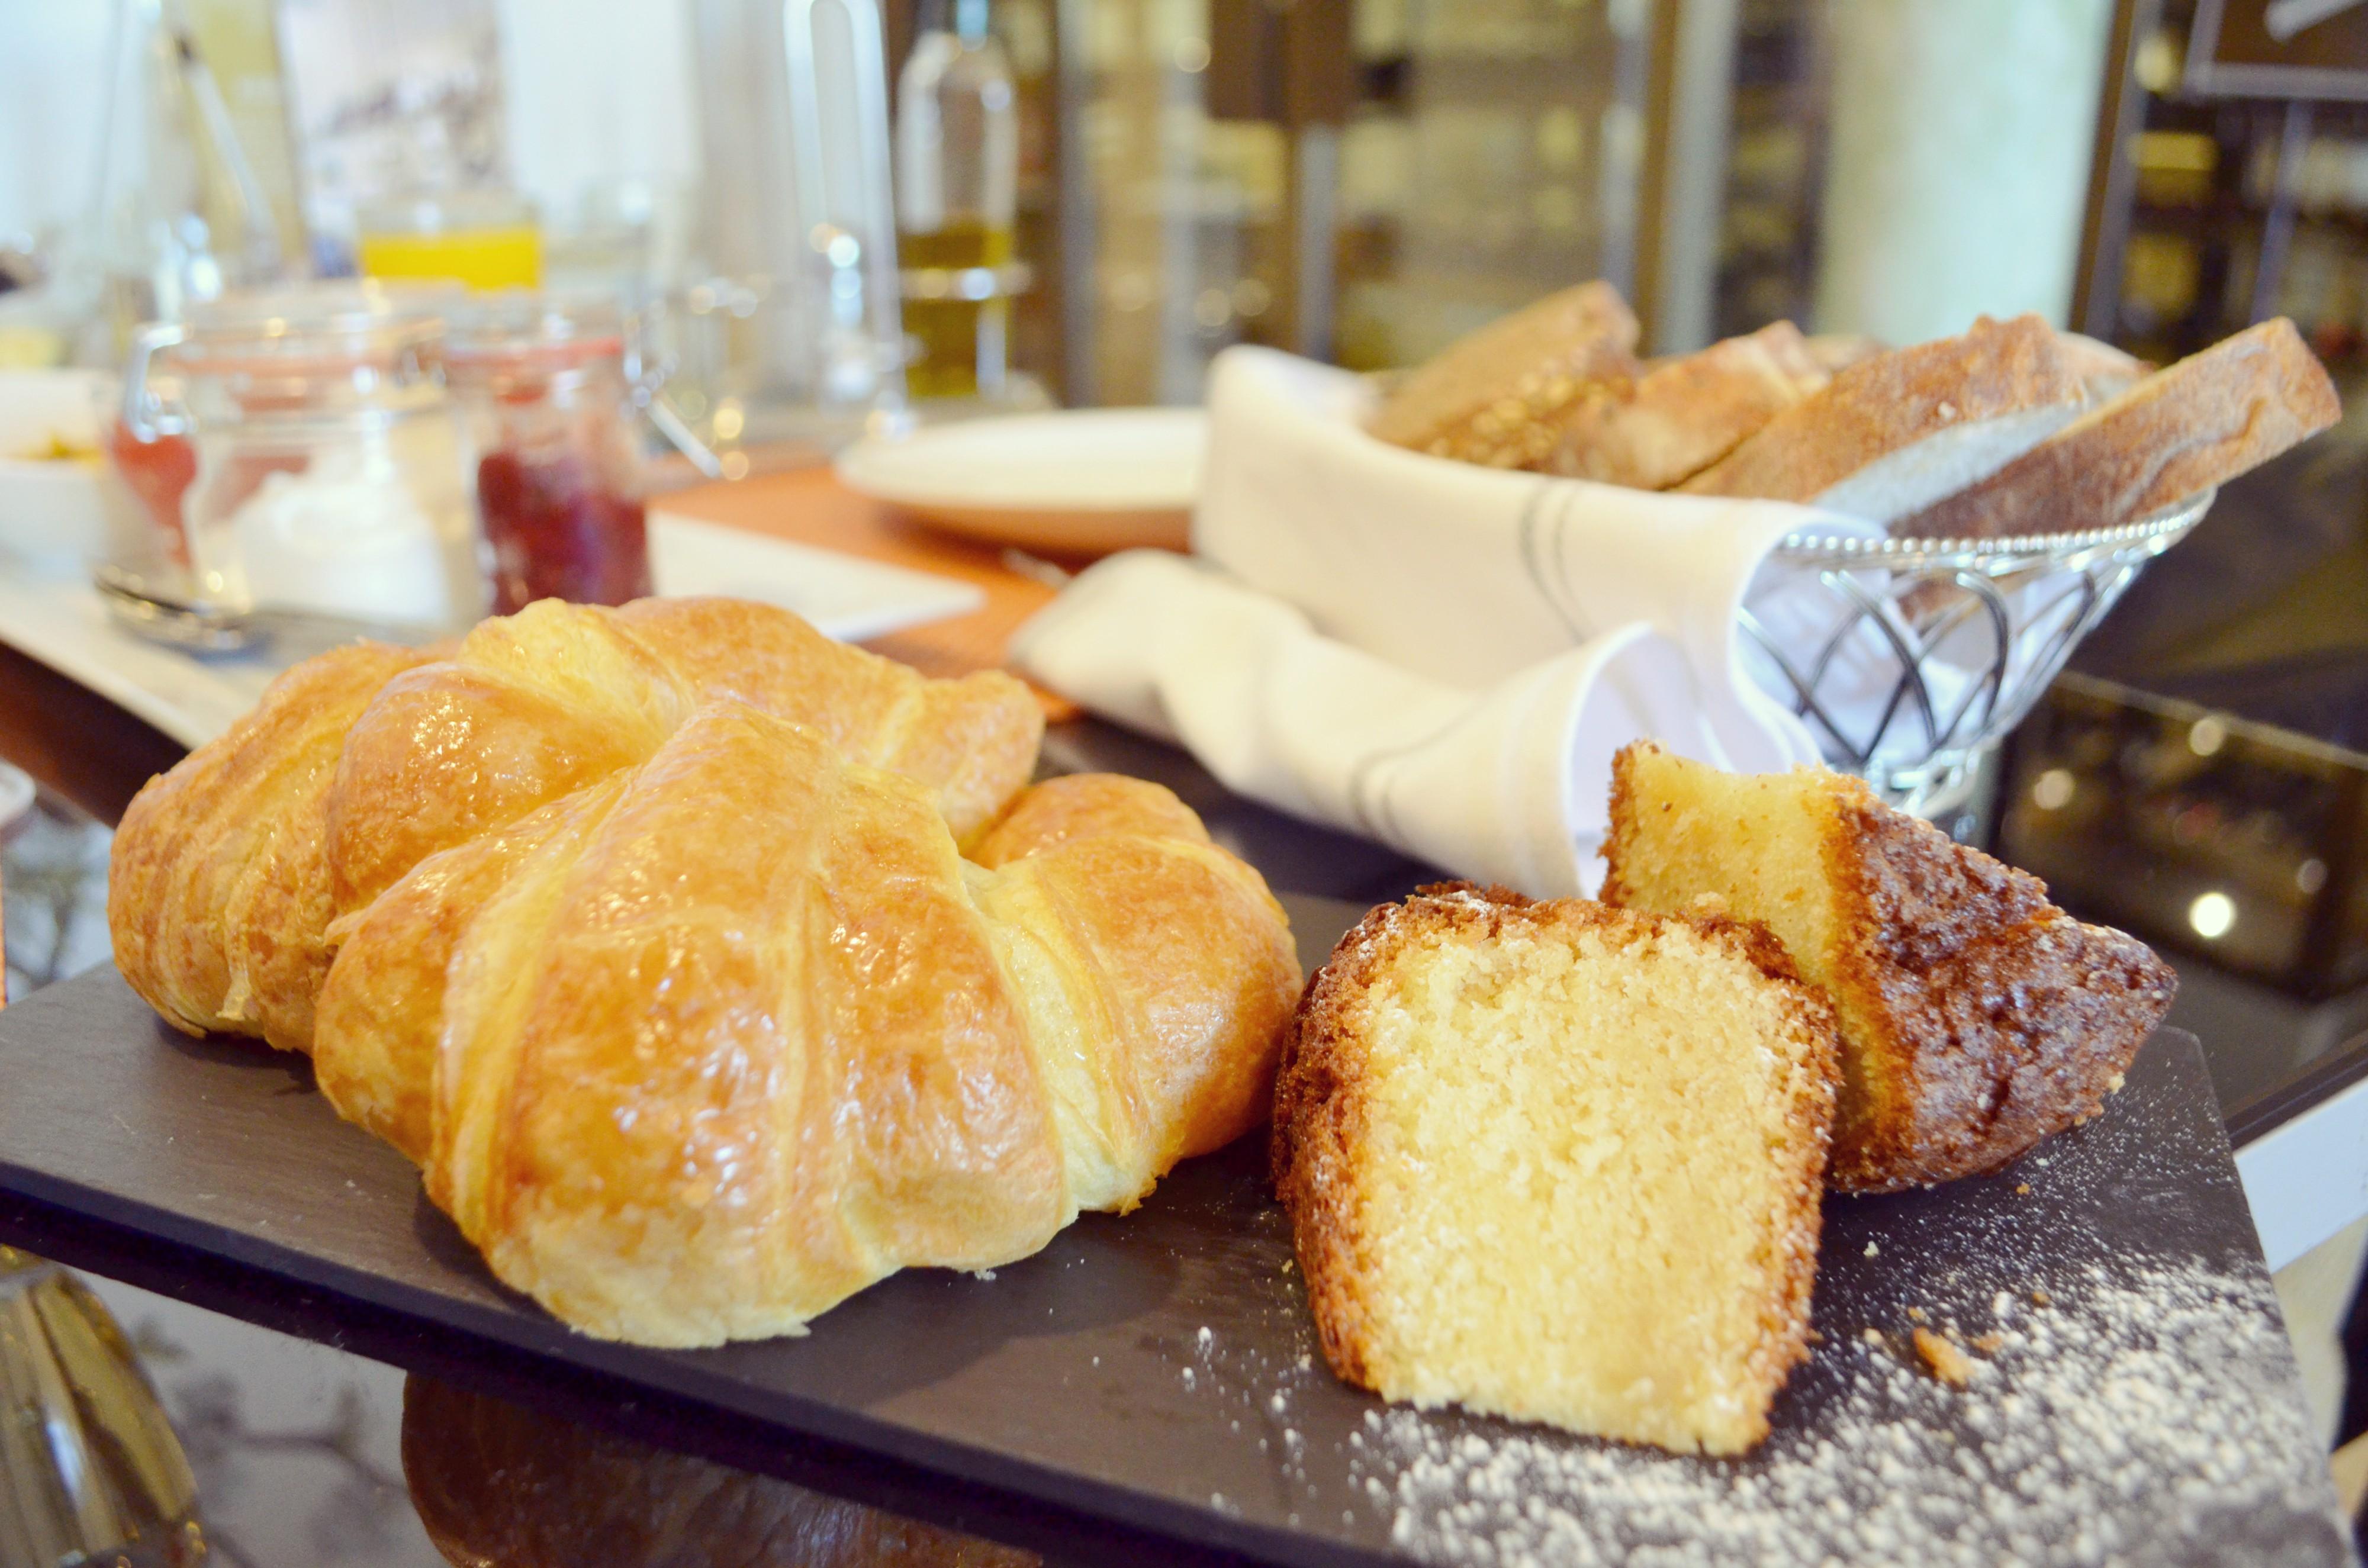 Brunch-cafe-de-oriente-que-hacer-en-Madrid-bizcocho-para-desayunar-blog-de-estilo-de-vida-ChicAdicta-Chic-Adicta-PiensaenChic-Piensa-en-Chic